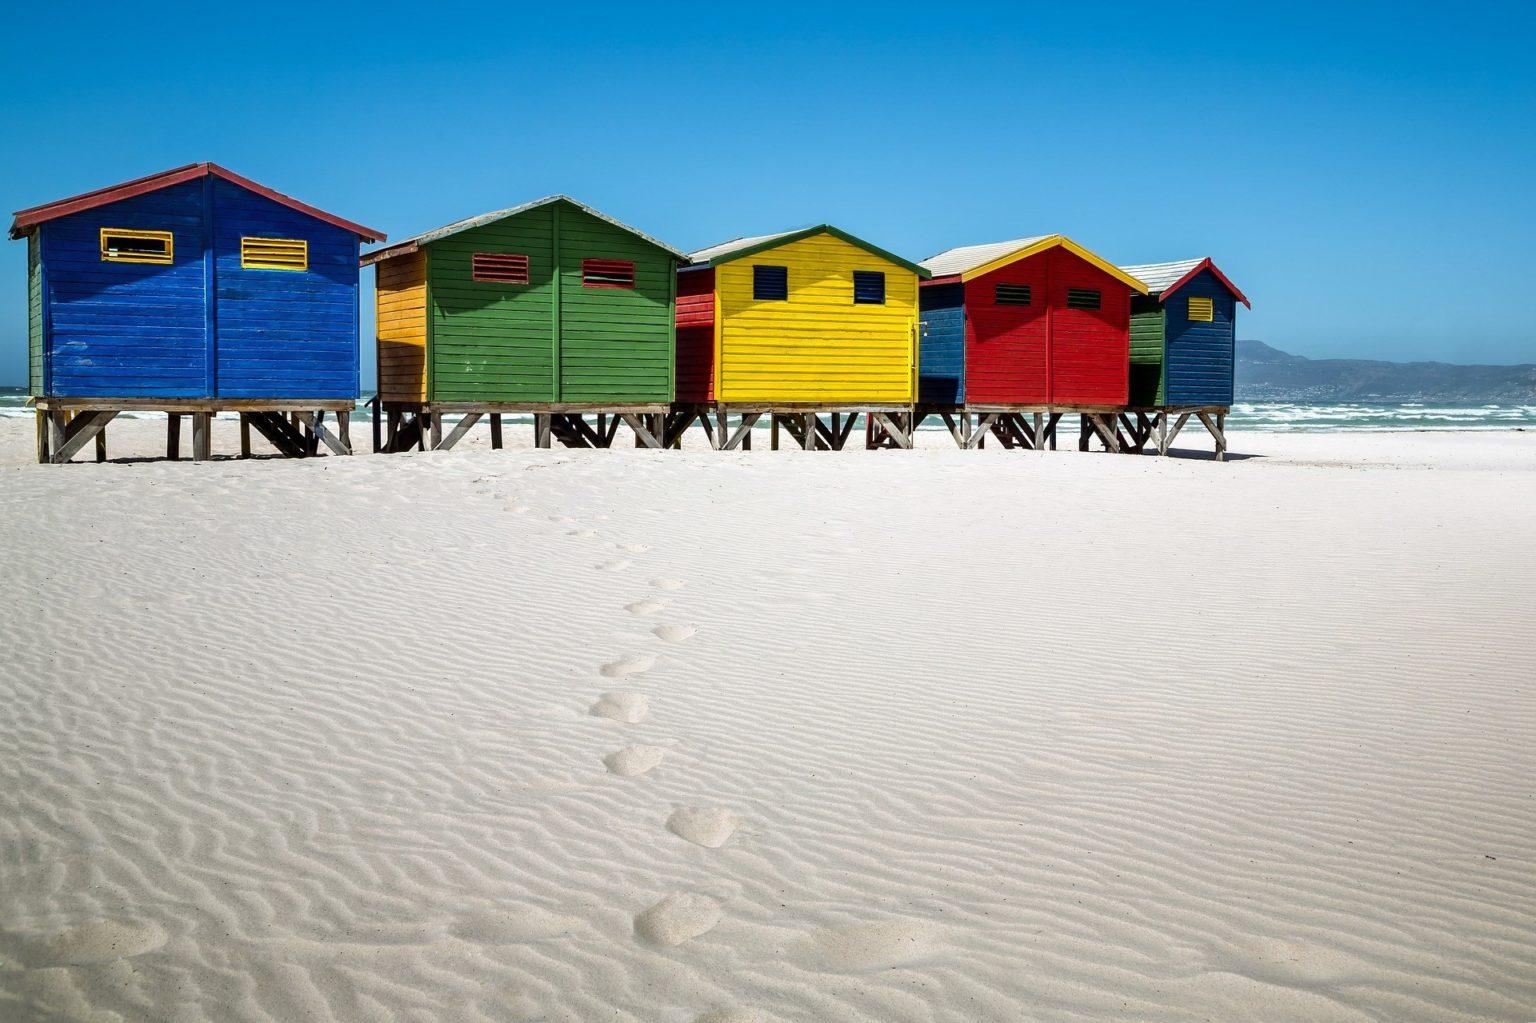 Summer house on beach